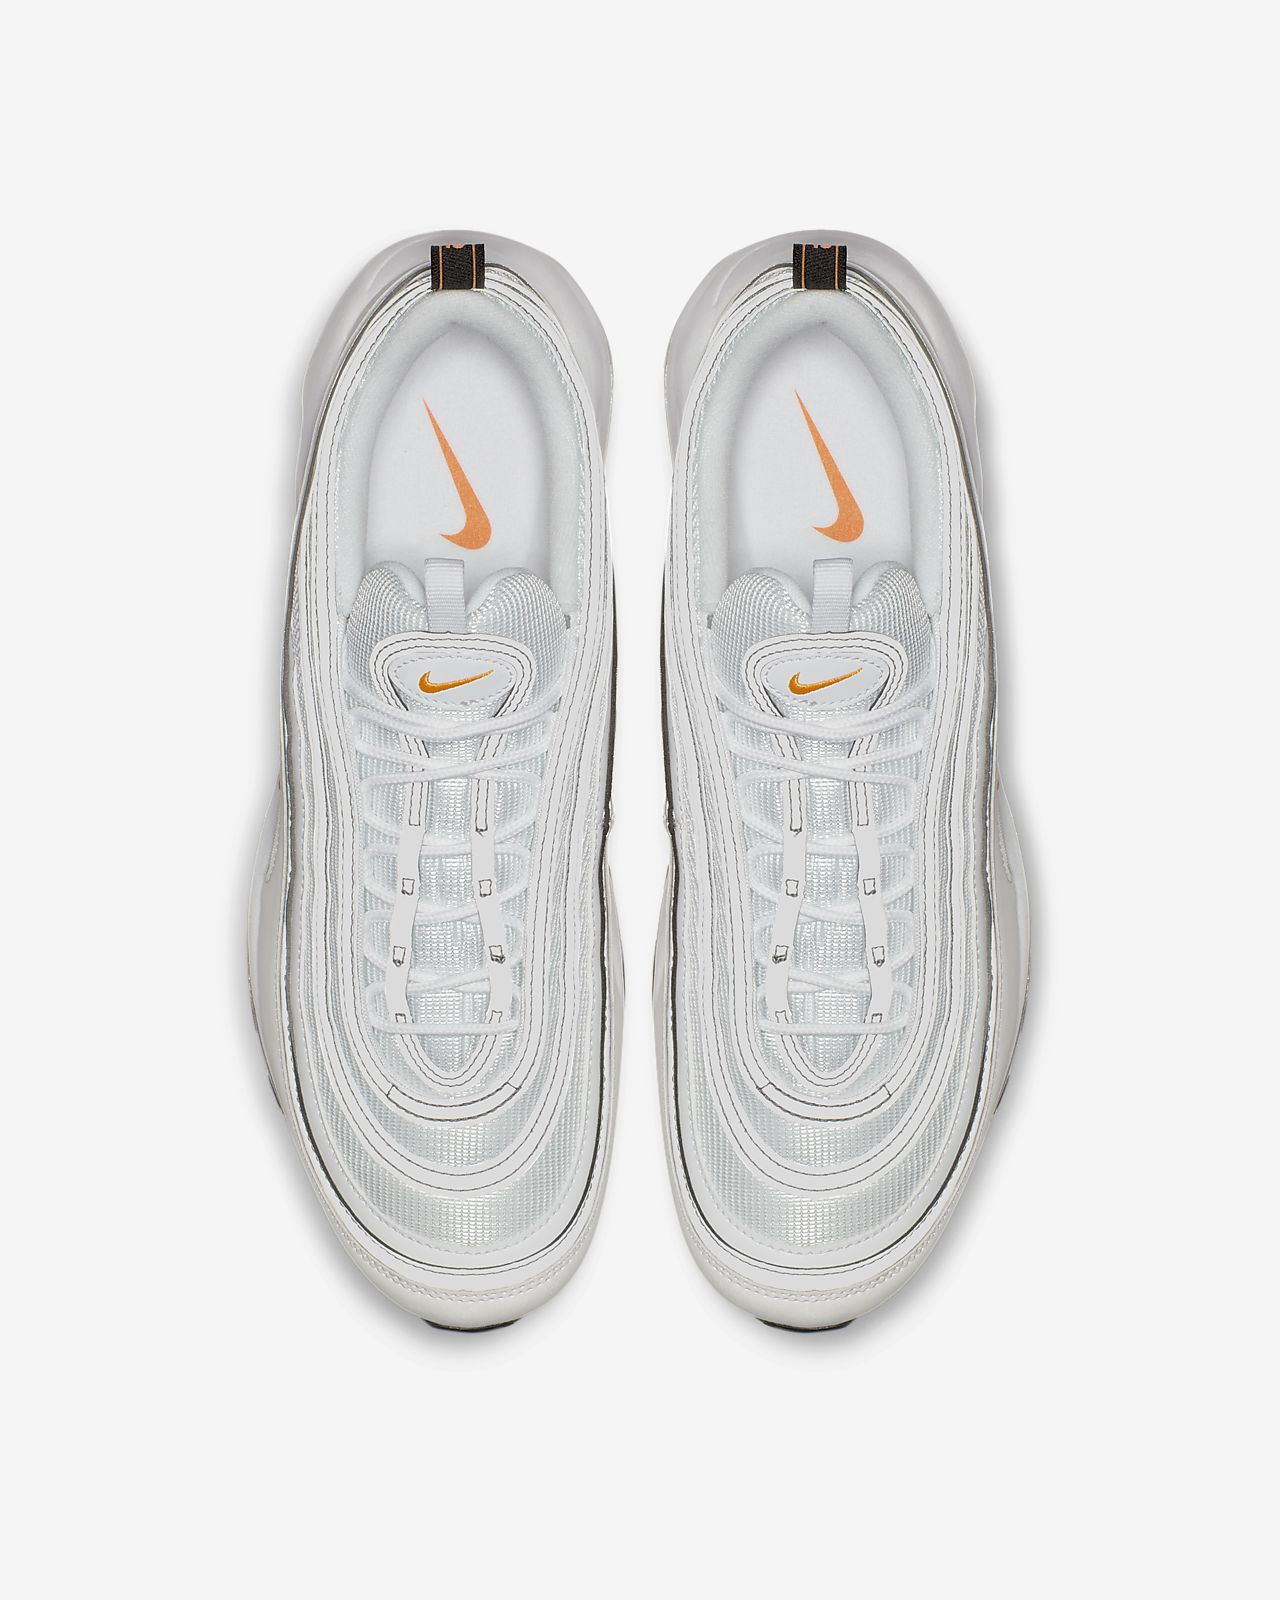 8b94f509daaf3 Nike Air Max 97 Men's Shoe. Nike.com BE